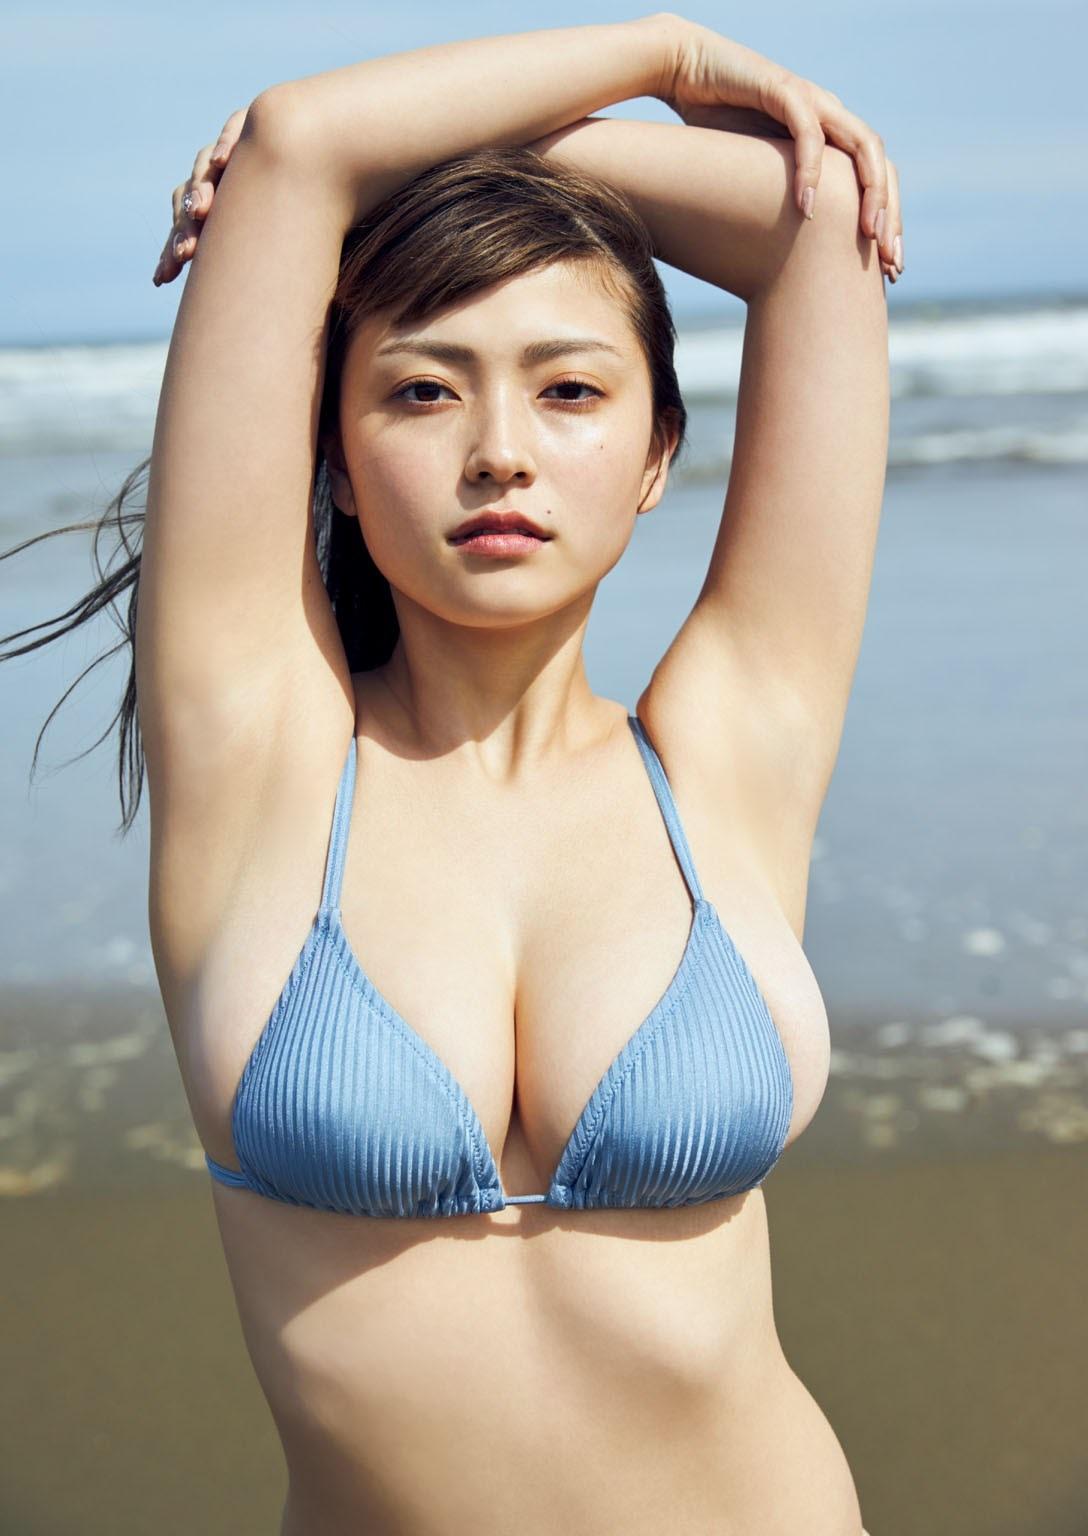 櫻井音乃37